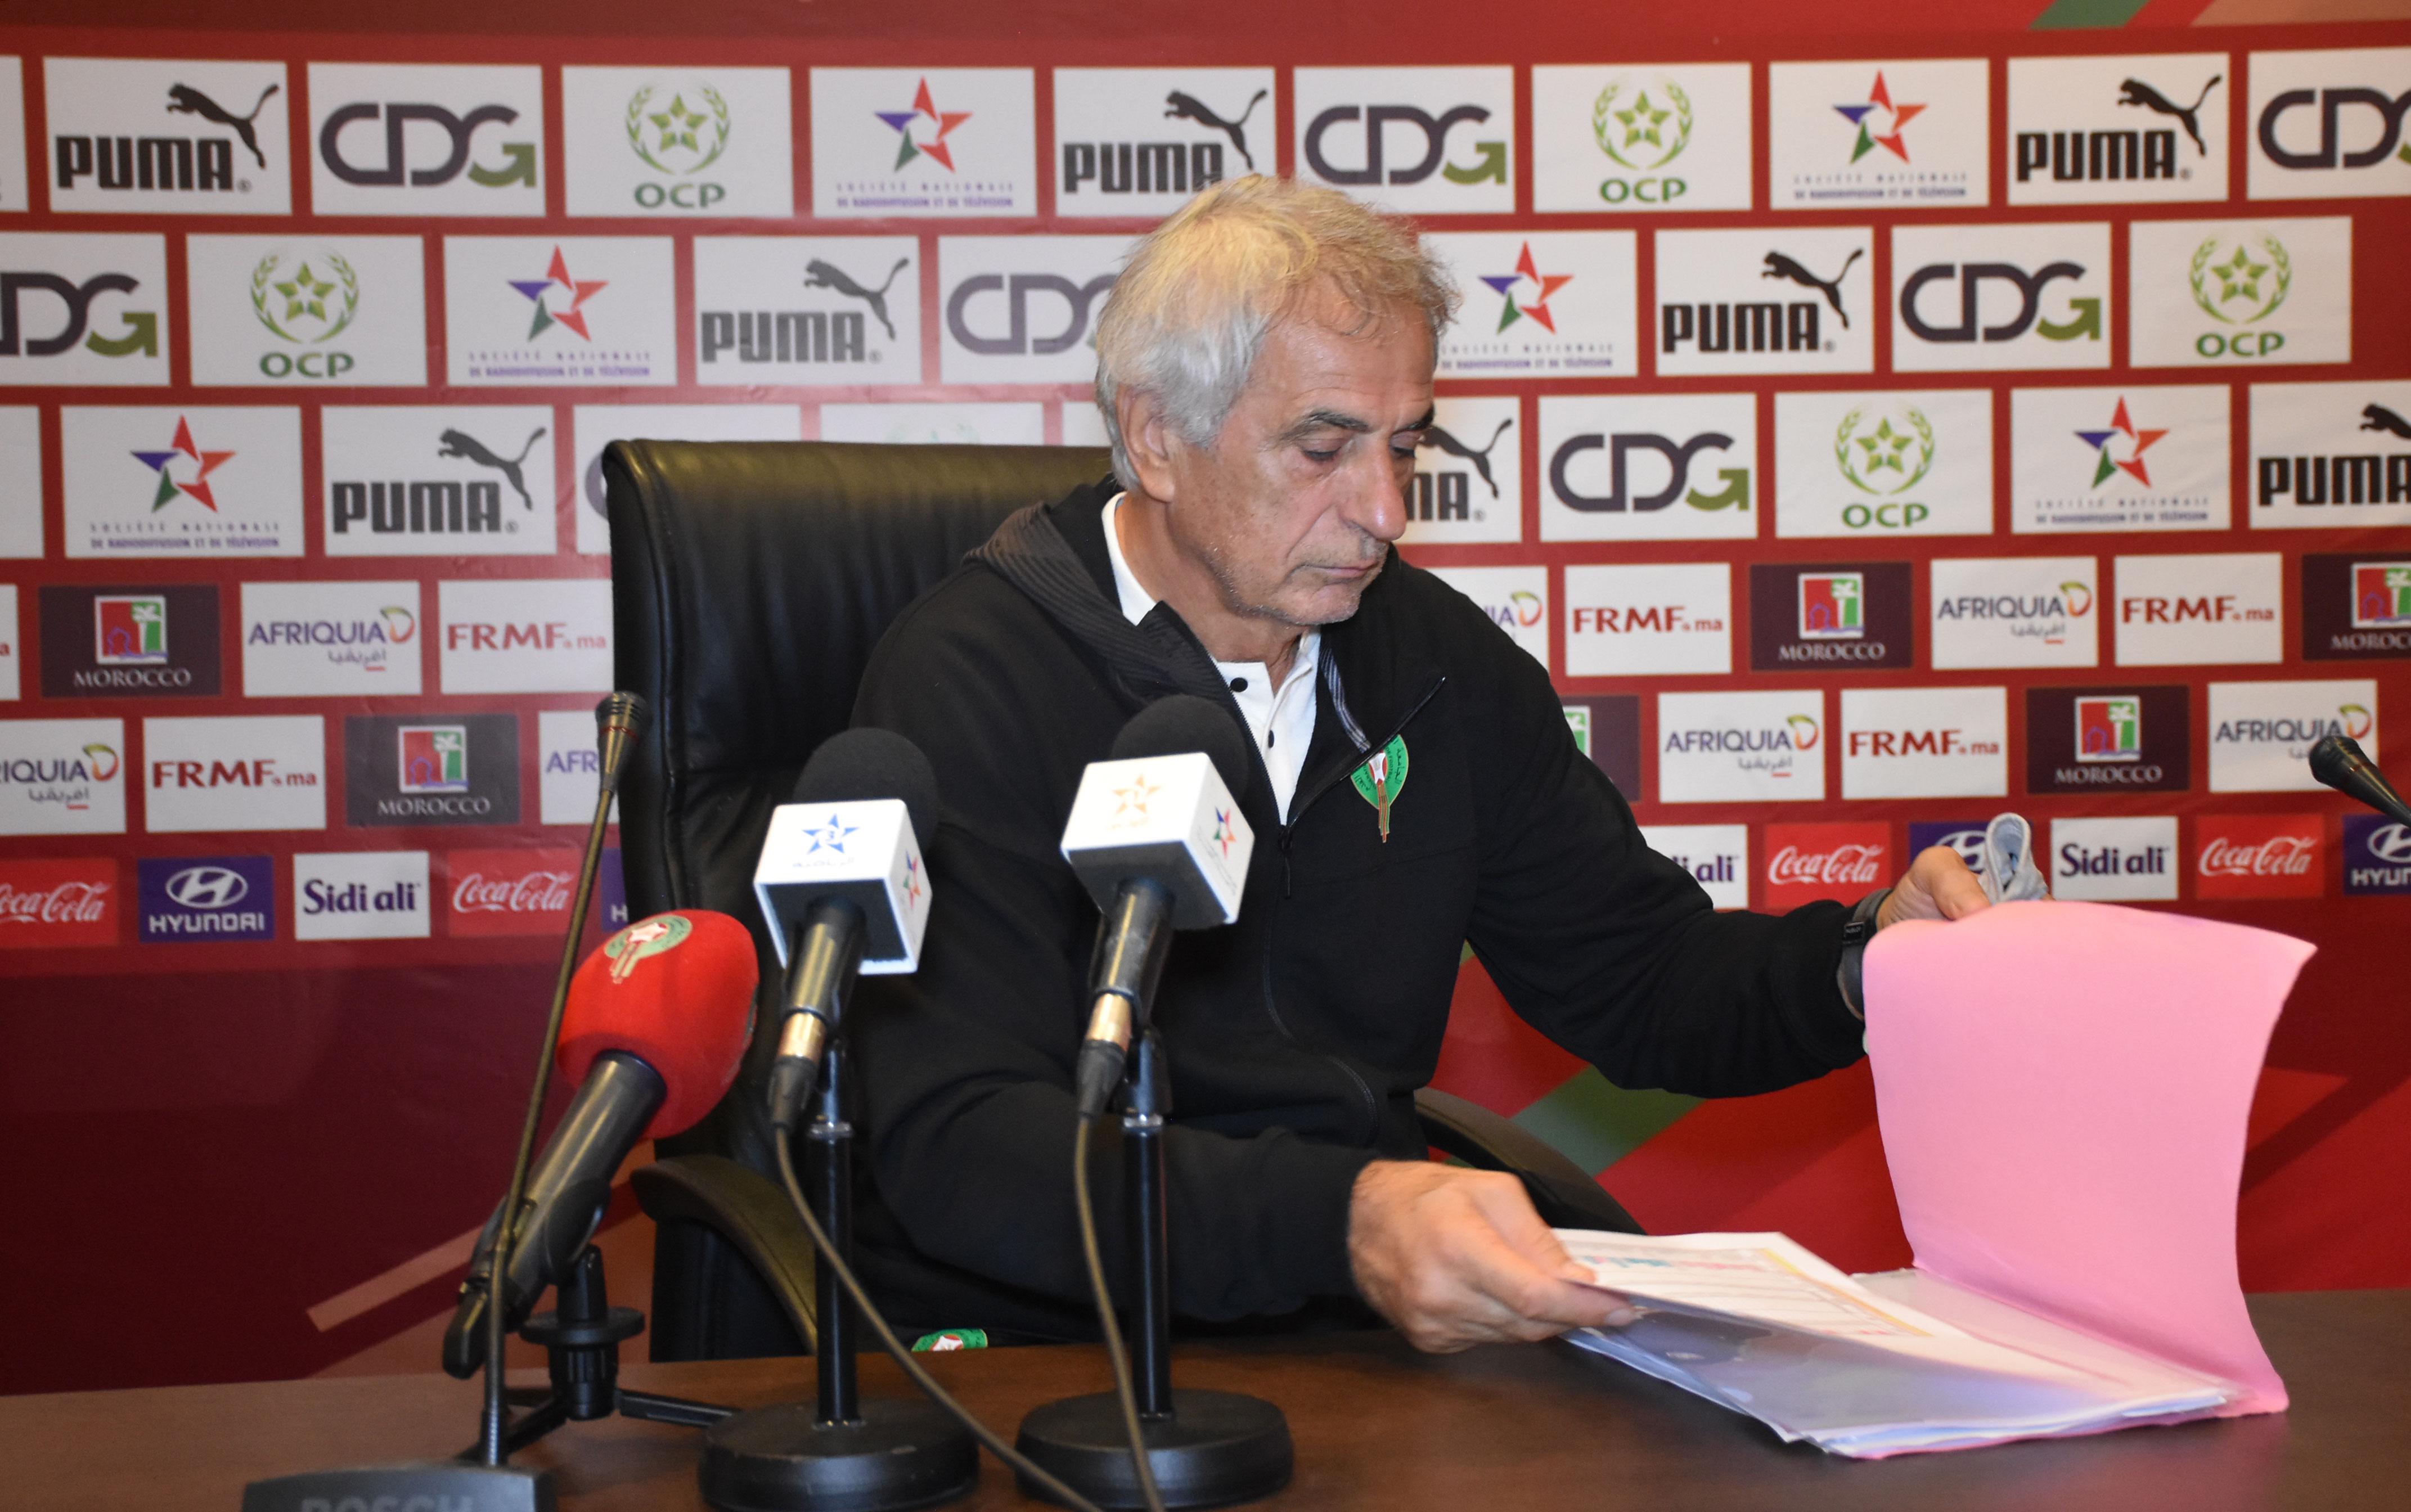 هاليلودزيتش يكشف أهدافه مع الأسود ويعترف بقوة المنافسين